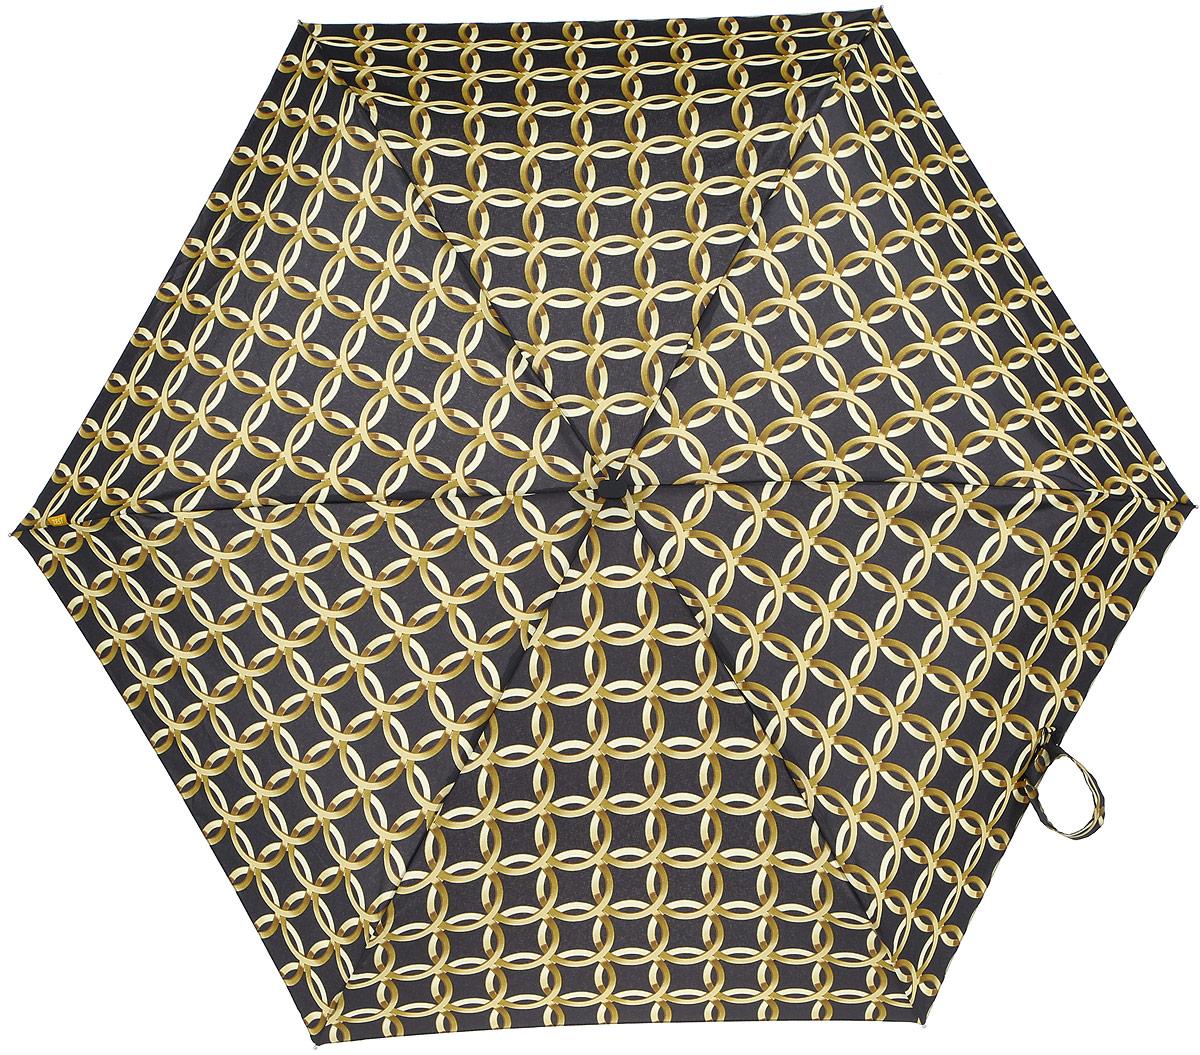 Зонт женский Zest, механический, 5 сложений, цвет: черный, золотой. 25518-26225518-262Компактный женский зонт Zest выполнен из металла, пластика и оформлен ярким принтом. Каркас зонта выполнен из шести спиц на прочном стержне. На концах спиц предусмотрены металлические элементы, которые защитят владельца от травм. Купол зонта изготовлен прочного полиэстера. Закрытый купол застегивается на липучку хлястиком. Практичная рукоятка закругленной формы разработана с учетом требований эргономики и выполнена из пластика. Зонт складывается и раскладывается механическим способом. Такой зонт не только надежно защитит от дождя, но и станет стильным аксессуаром.